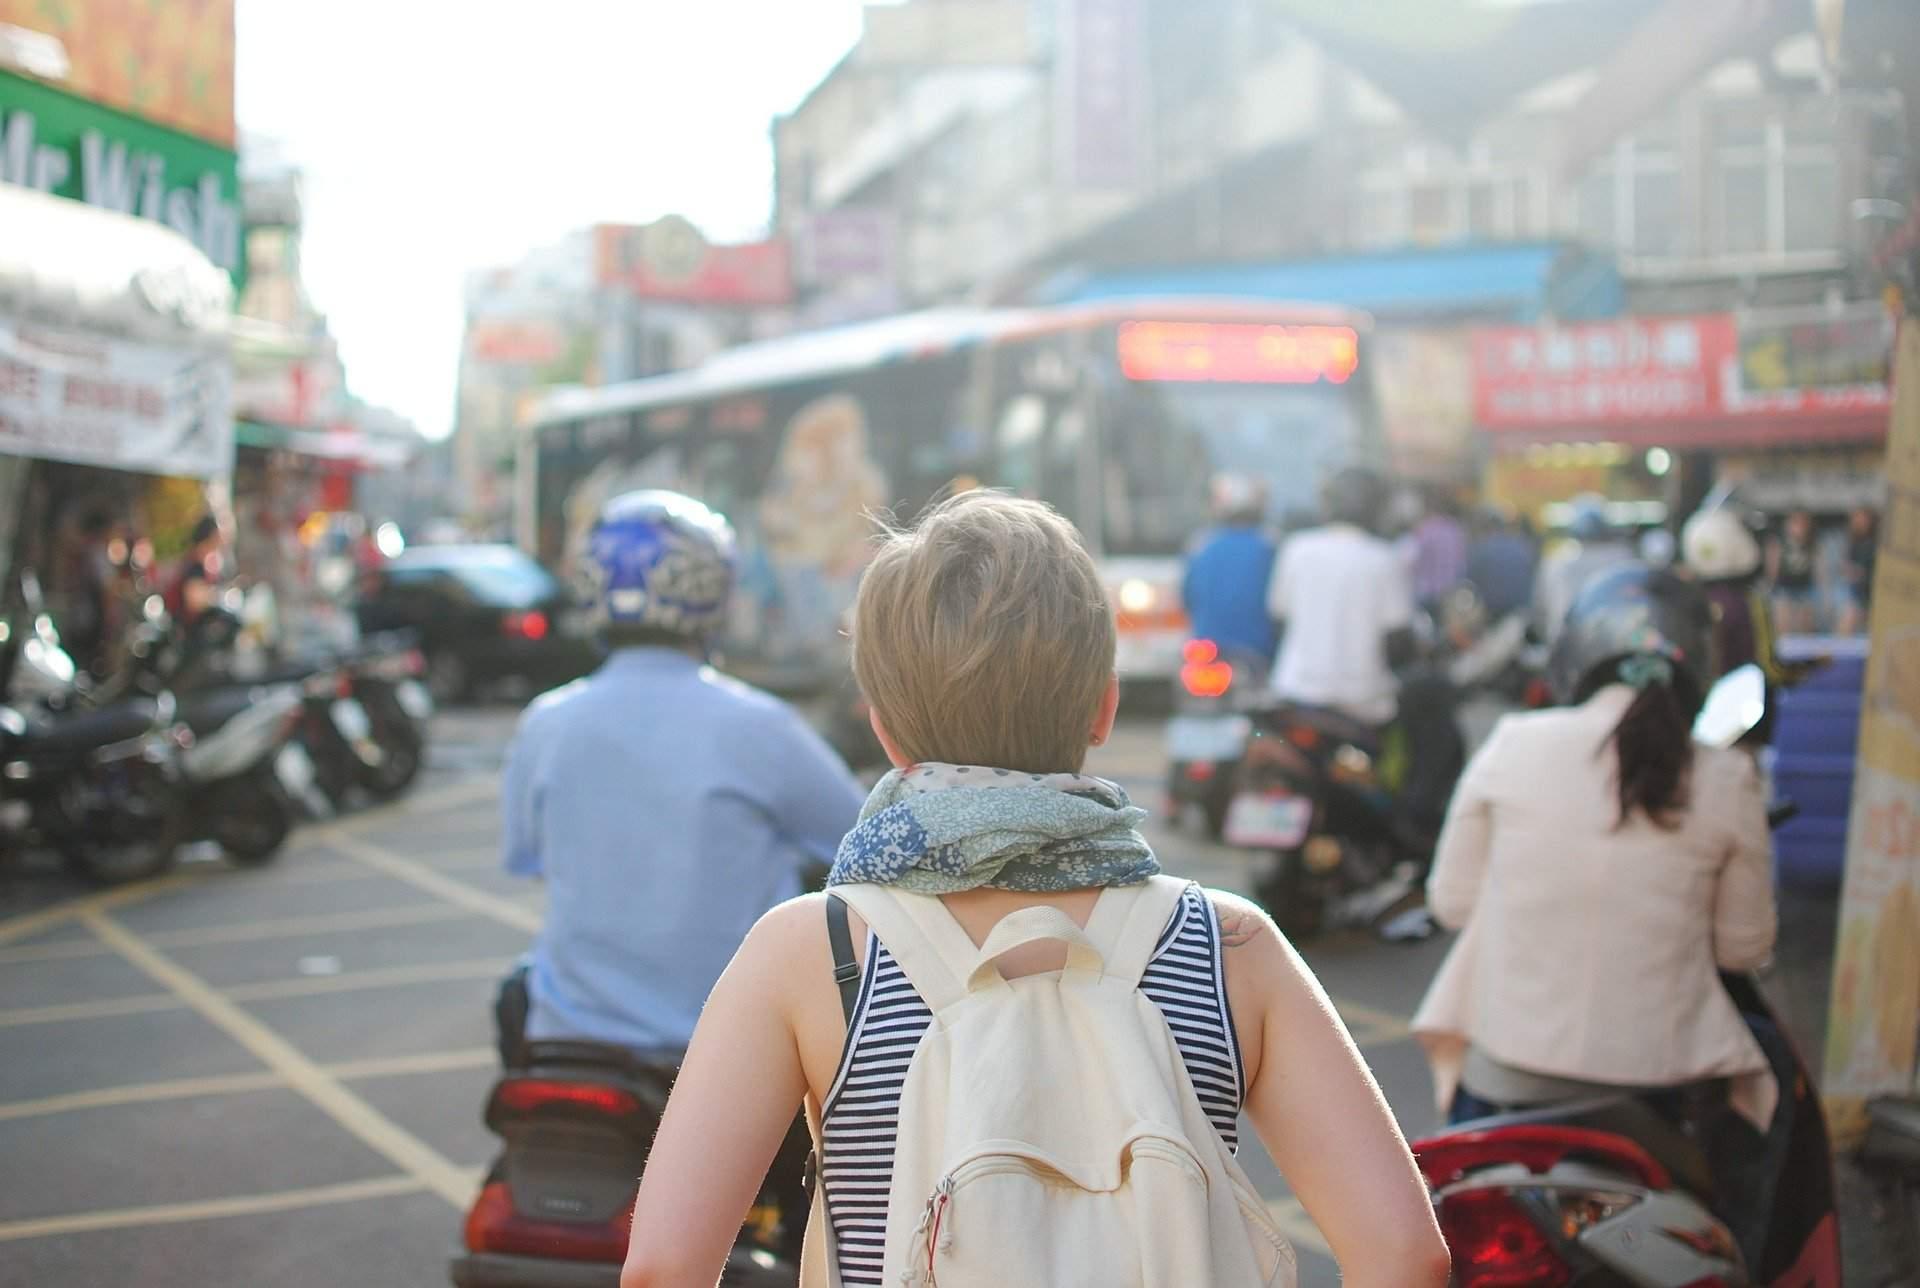 Ubezpieczenie turystyczne – czy działa w każdym kraju